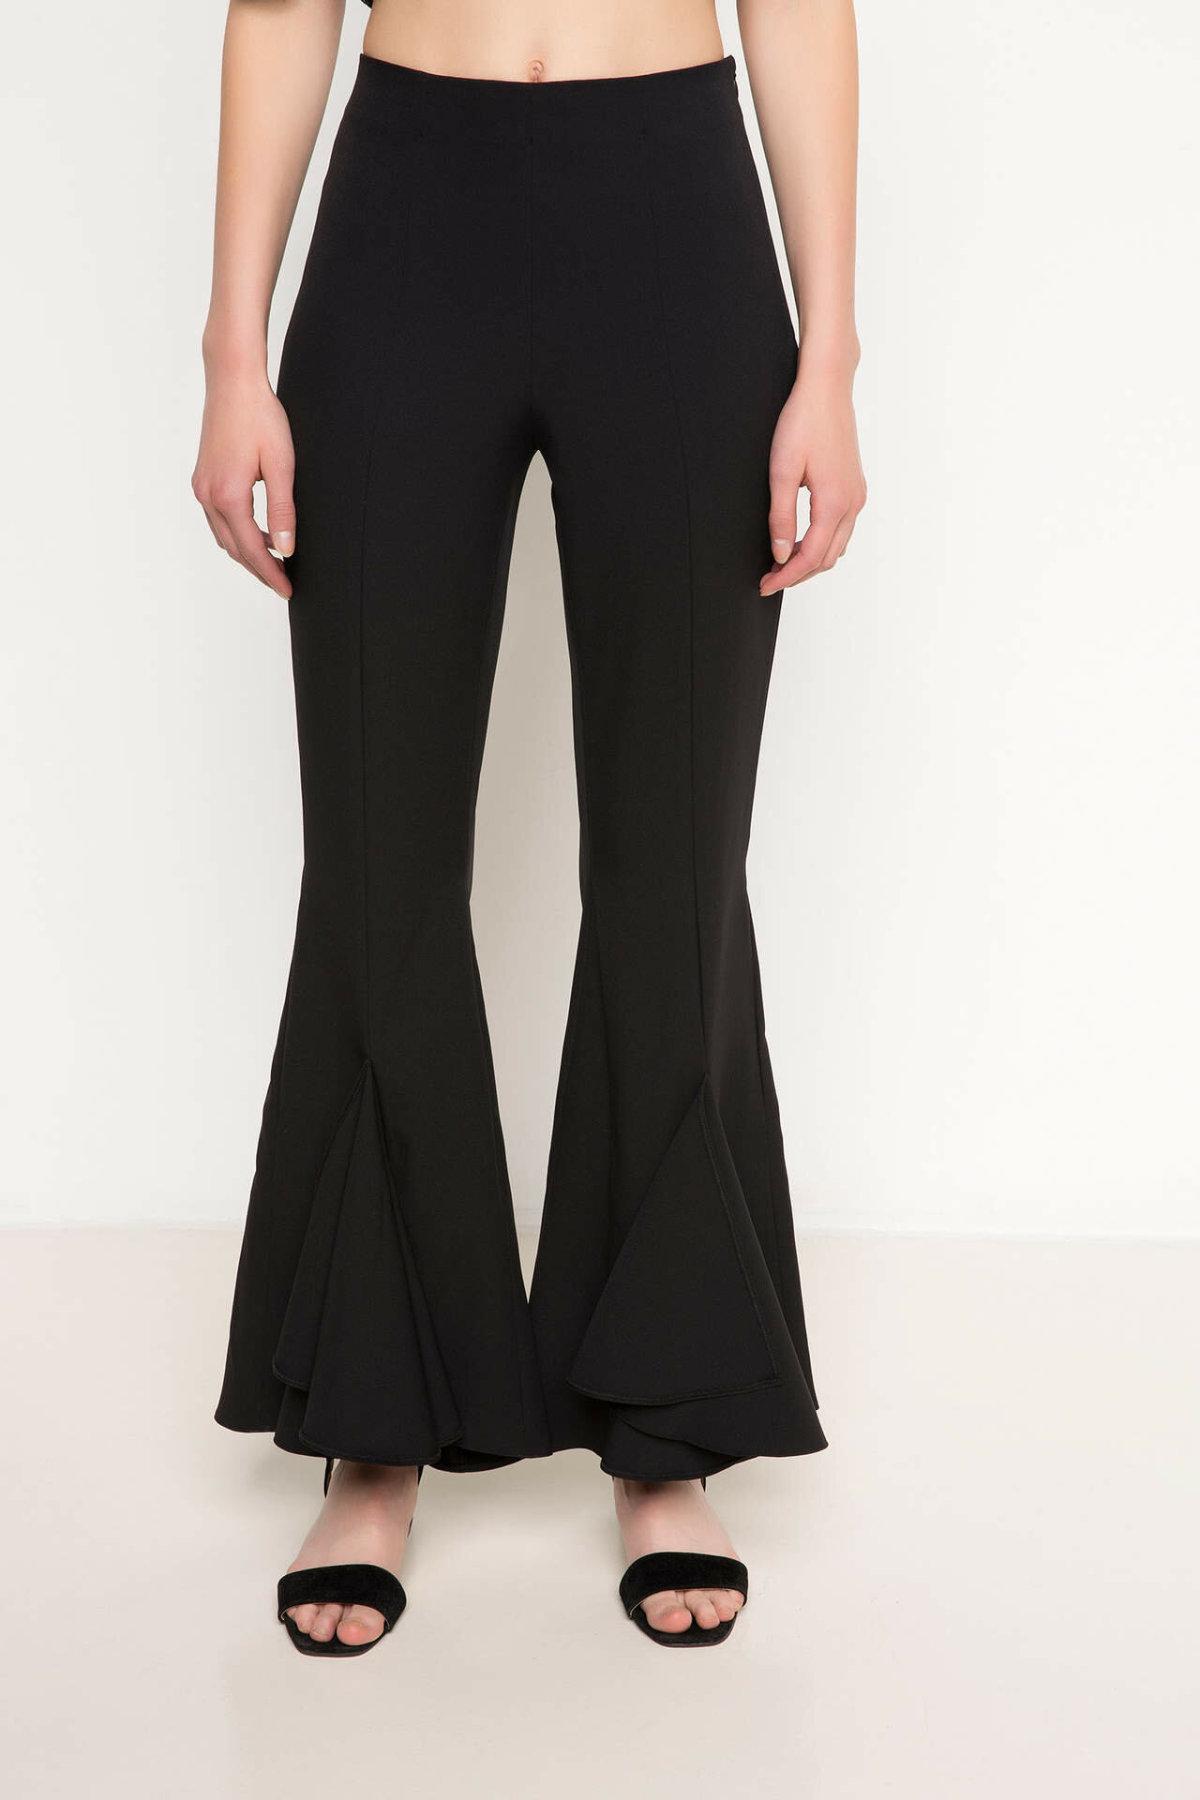 DeFacto Fashion Ladies Solid Trousers Women Autumn Elegant Long Pants Casual Pants Loose Office Flare Trousers H8994AZ17HS